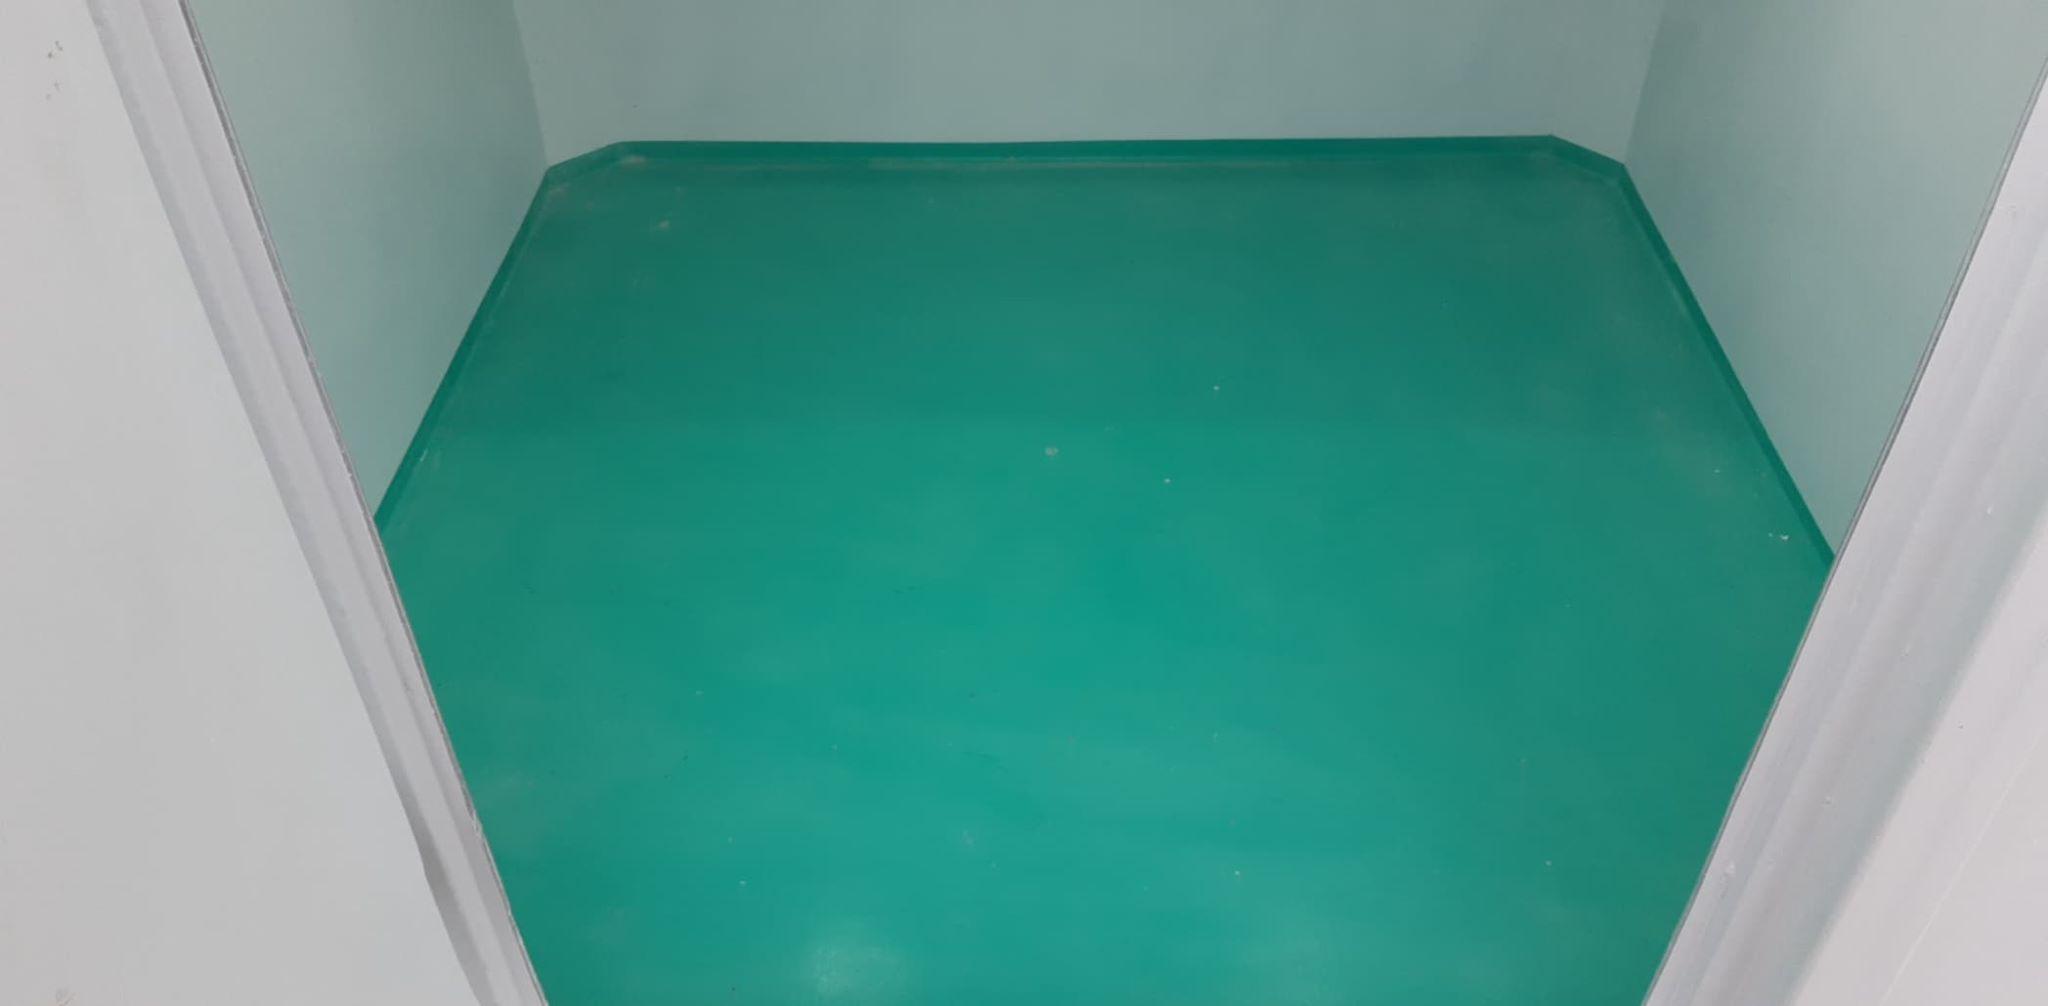 Sàn đúc liền khối bằng vật liệu FRP